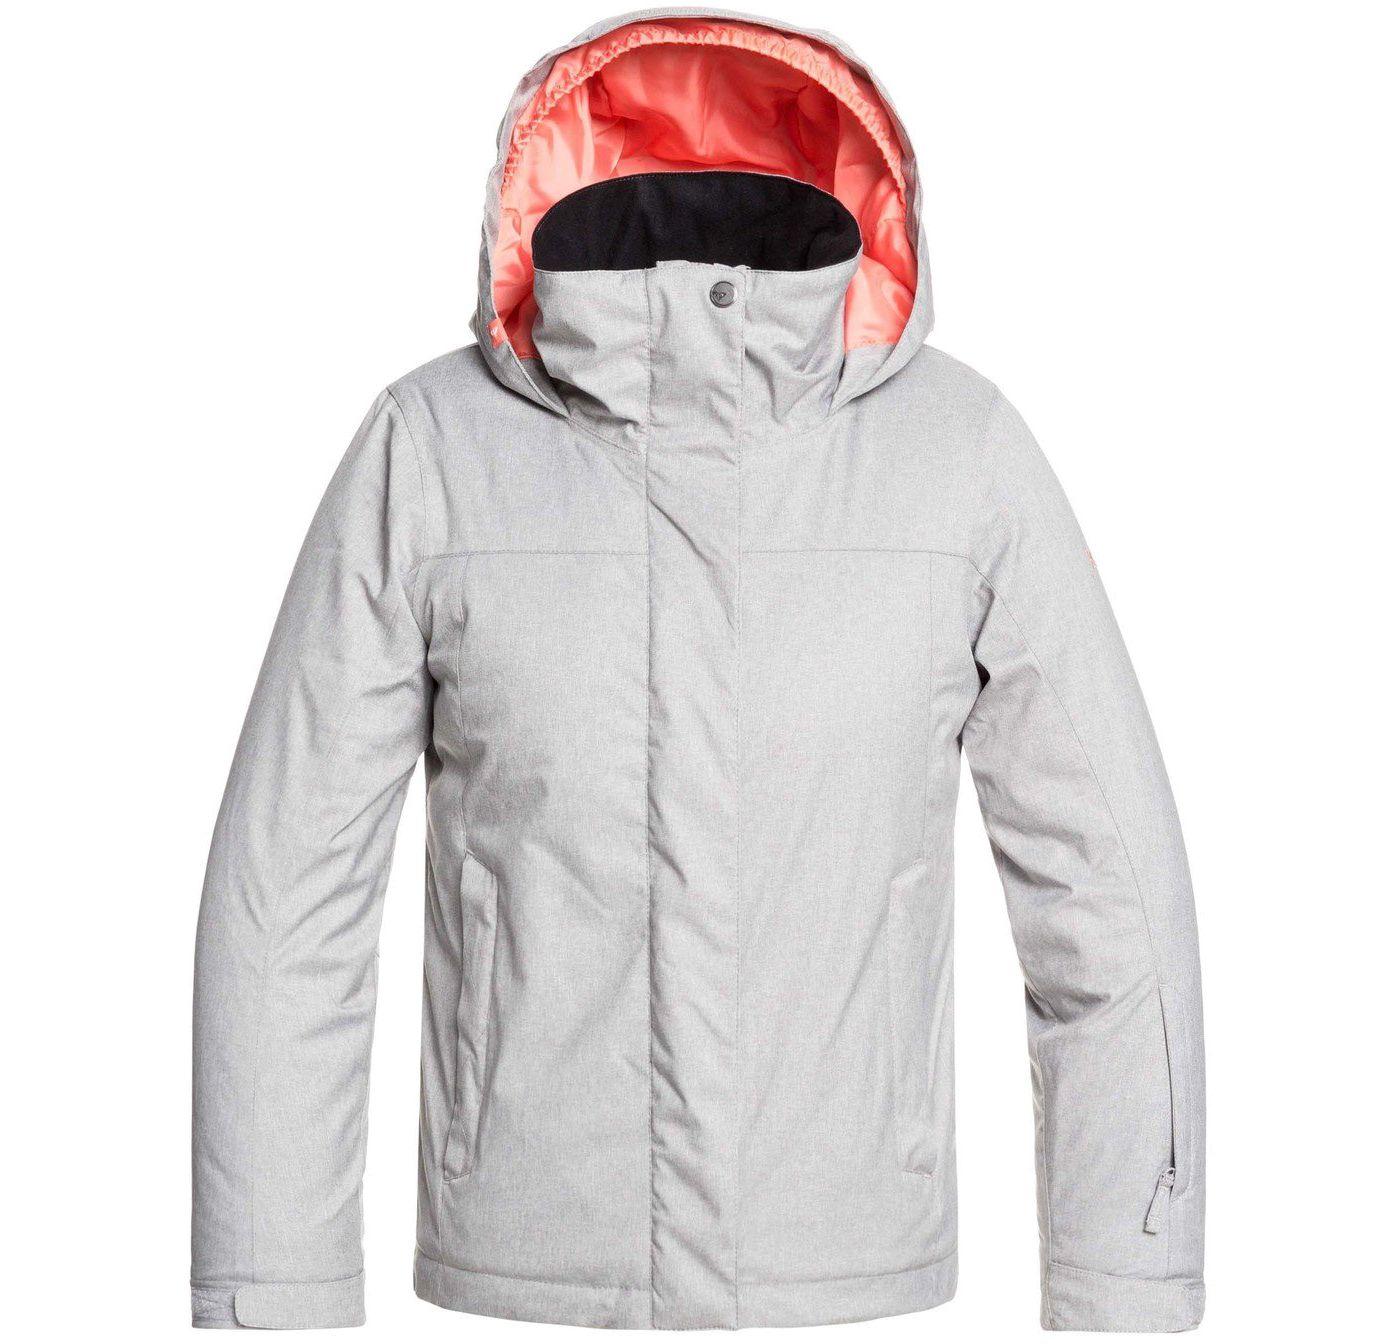 Roxy Girls' Jetty Solid Snow Jacket